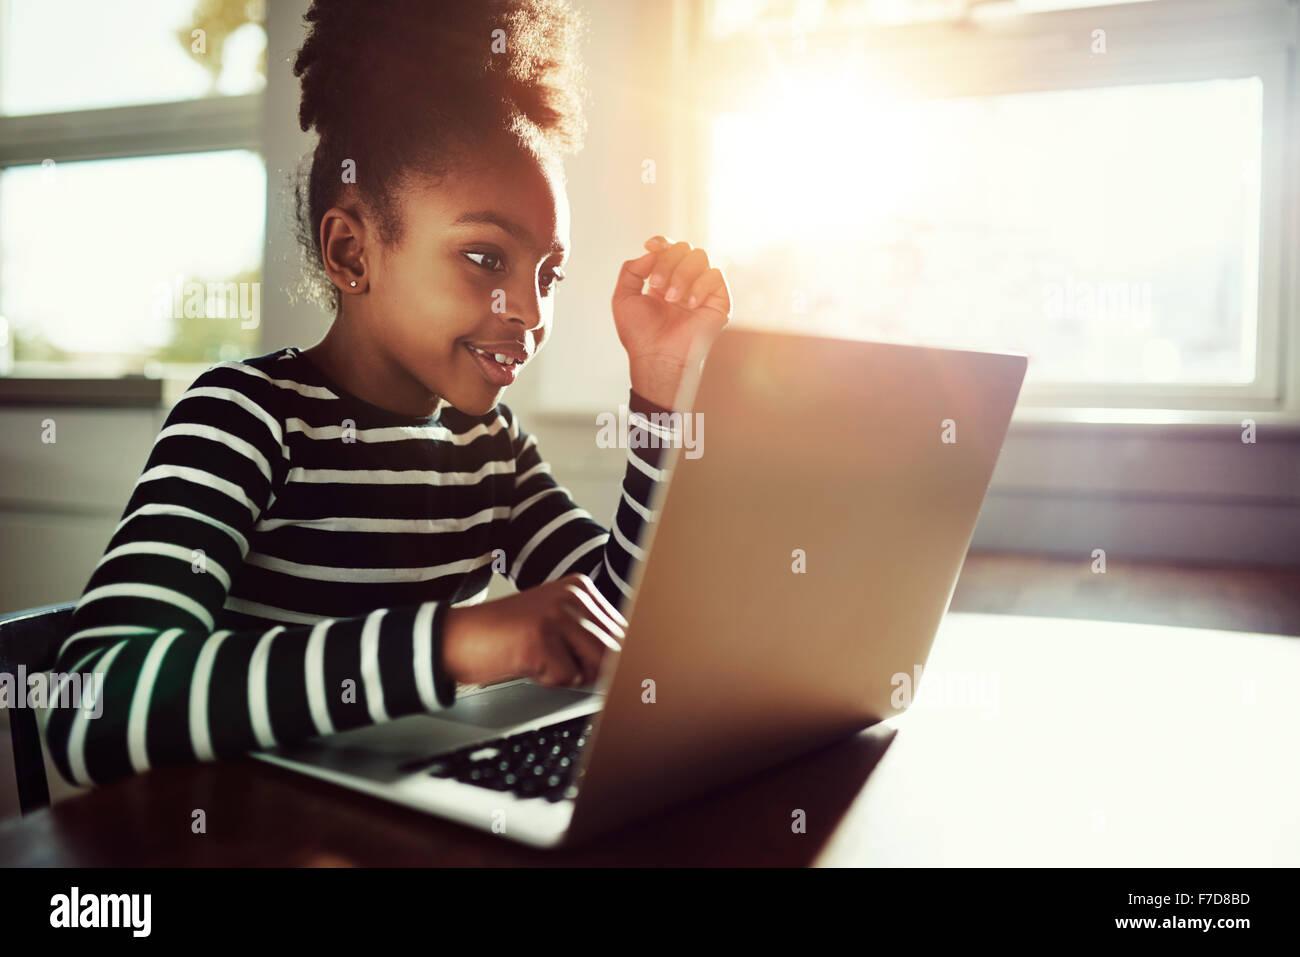 Poco étnicos en casa chica sentada en una mesa trabajando en sus deberes en un ordenador portátil que Imagen De Stock